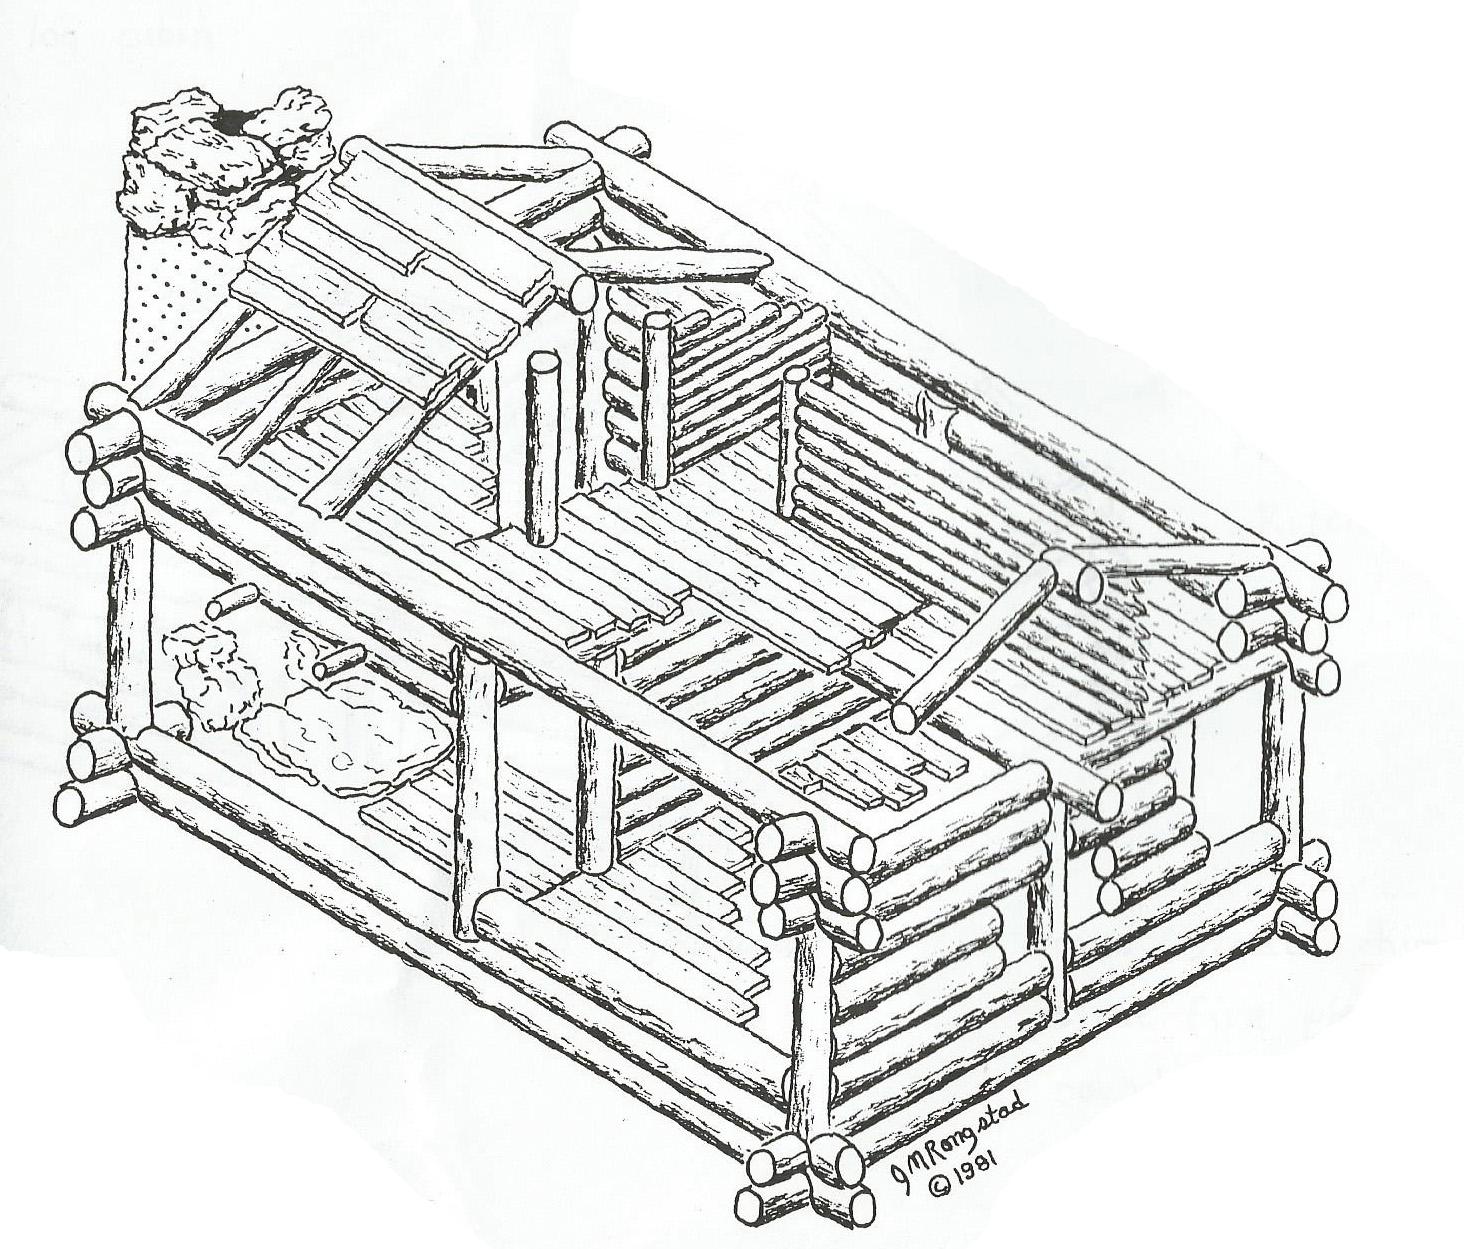 Download Storage Building Plans 20 30 Plans Free Morton